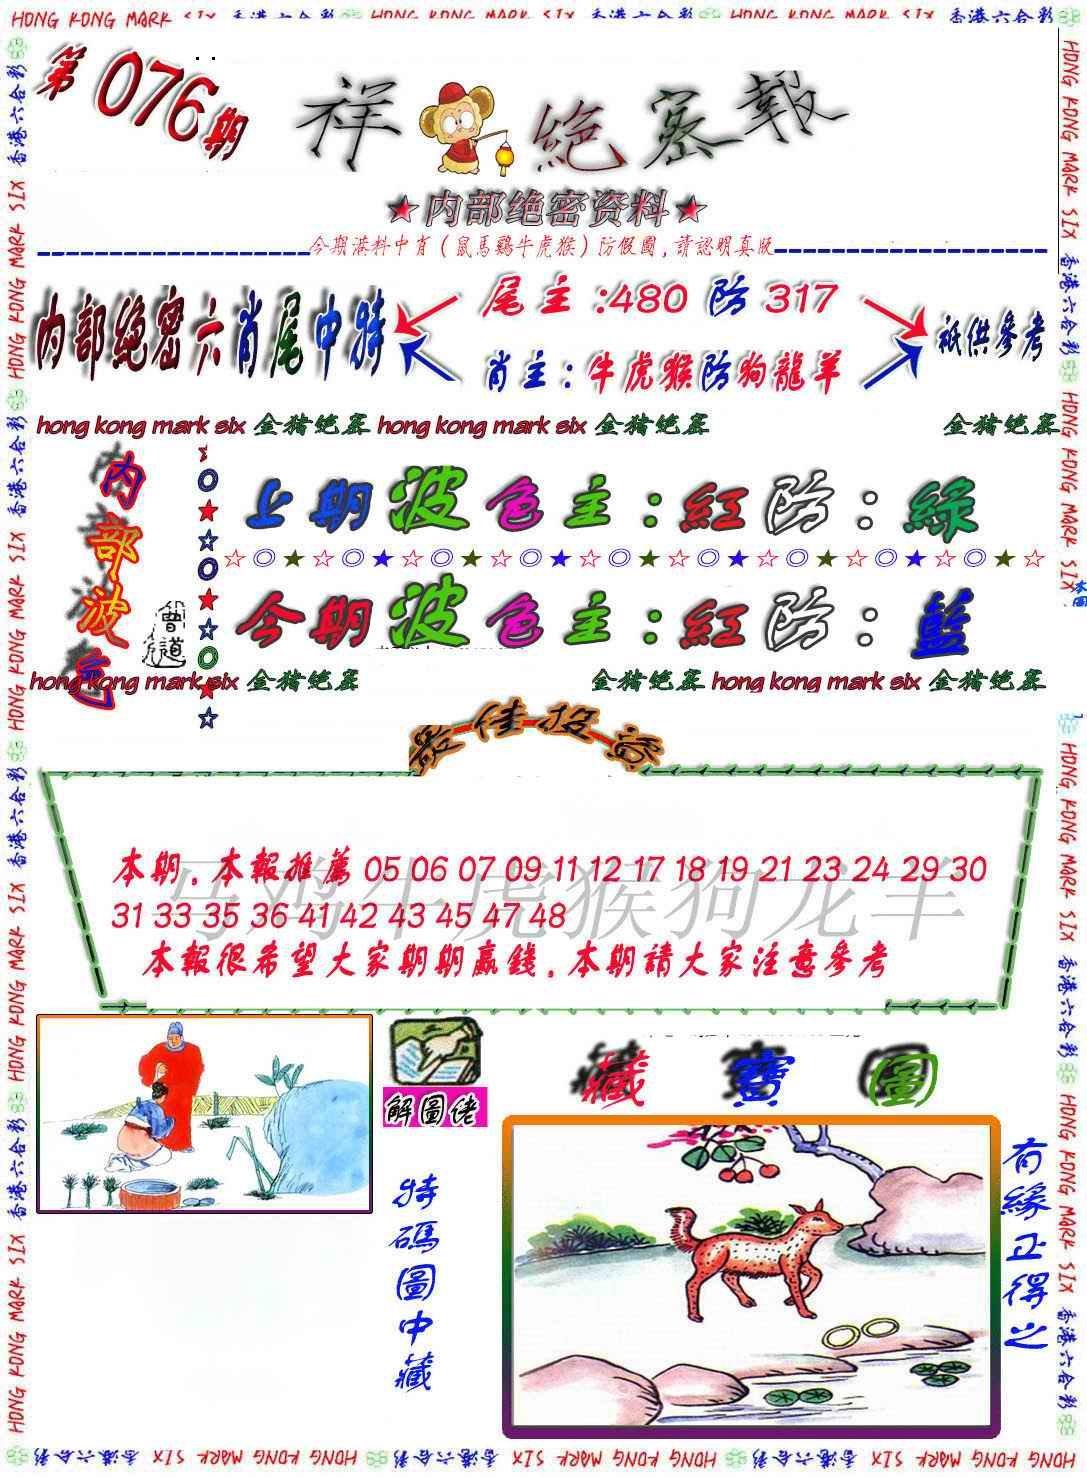 076期金鼠绝密图